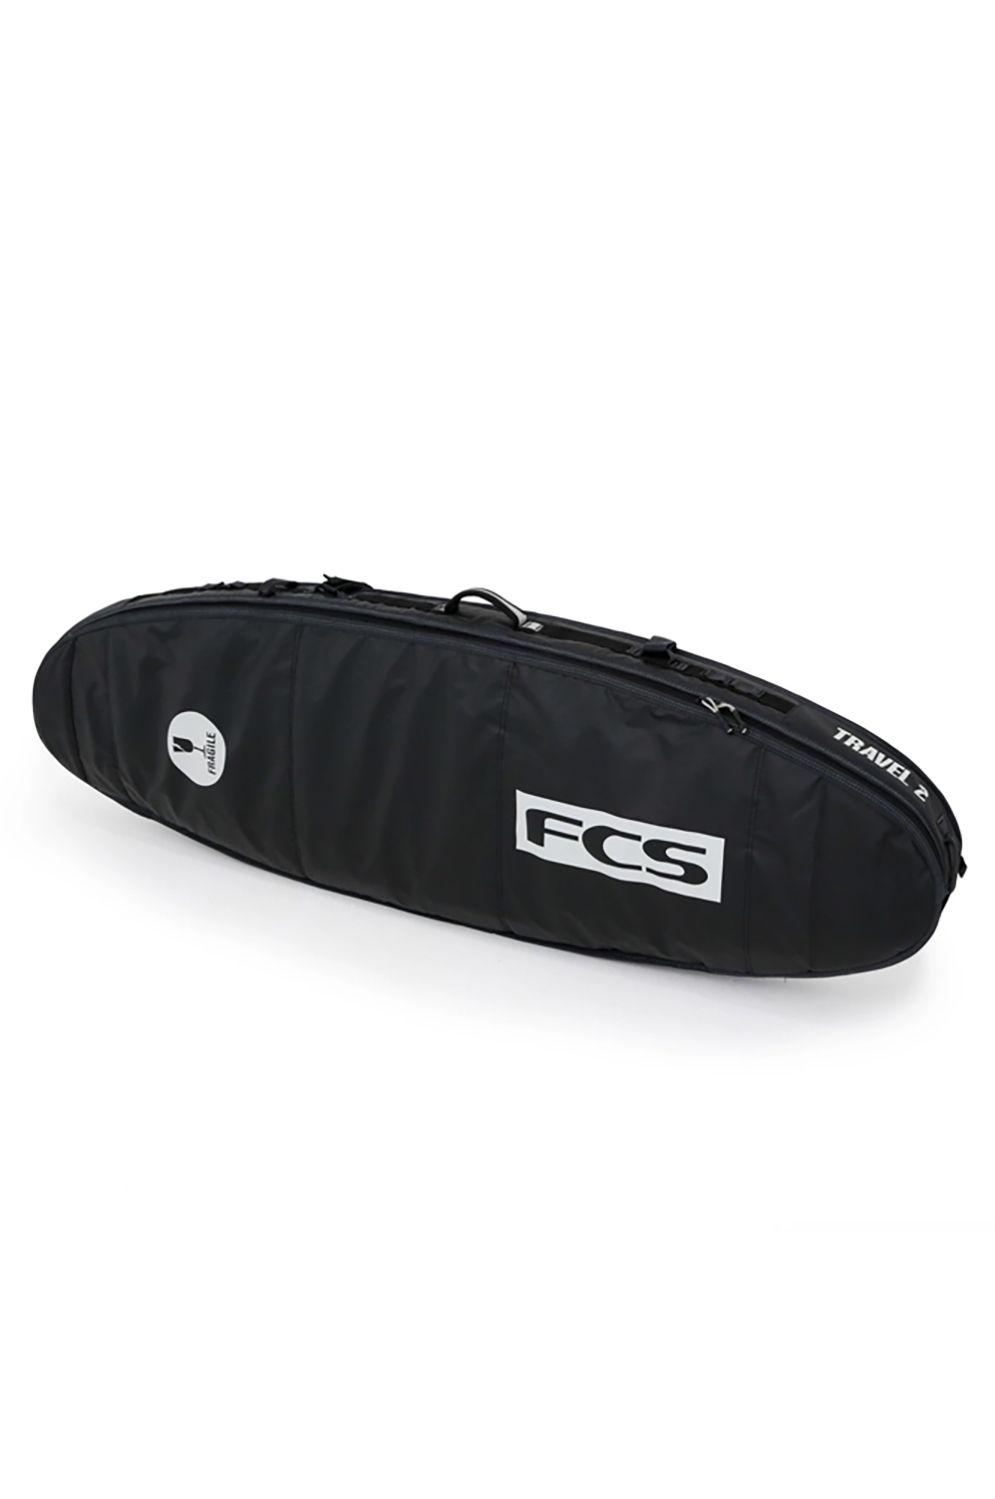 Fcs Boardbag 6'3 TRAVEL 2 FUN BOARD Black/Grey